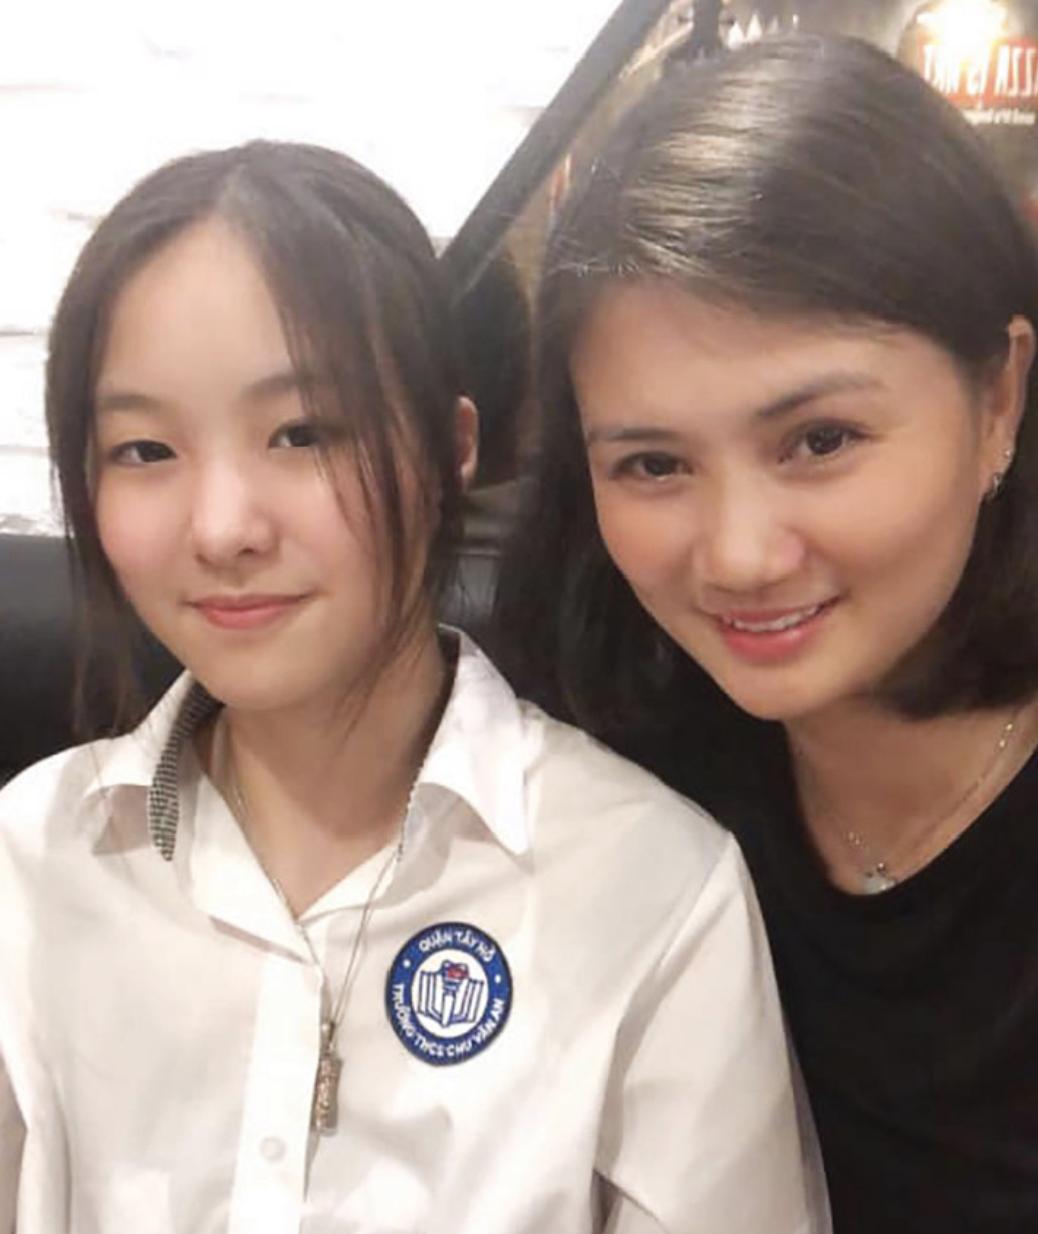 Con gái của 'Hoa khôi bóng chuyền' Kim Huệ: Xinh xắn chẳng thua kém mẹ, đã vậy còn học cực giỏi và cá tính như này - Ảnh 3